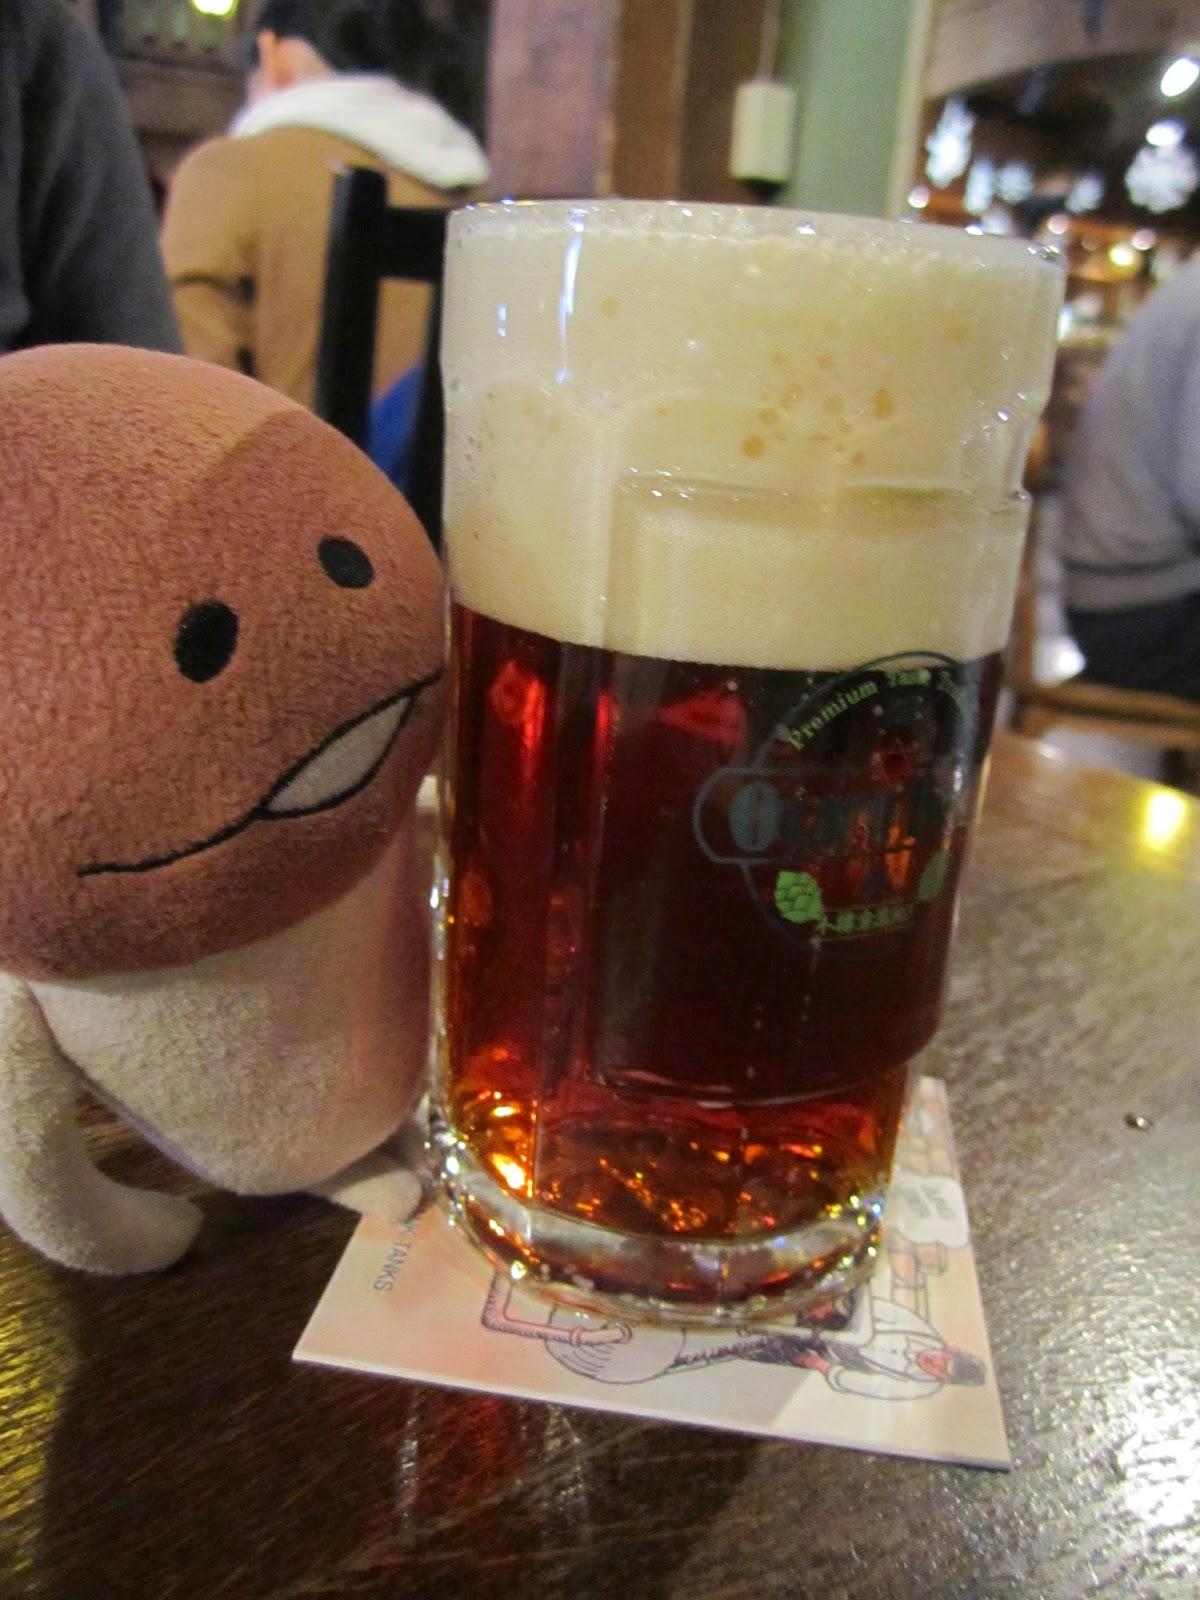 Otaru Beer Otaru Souko No.1 Dunkel